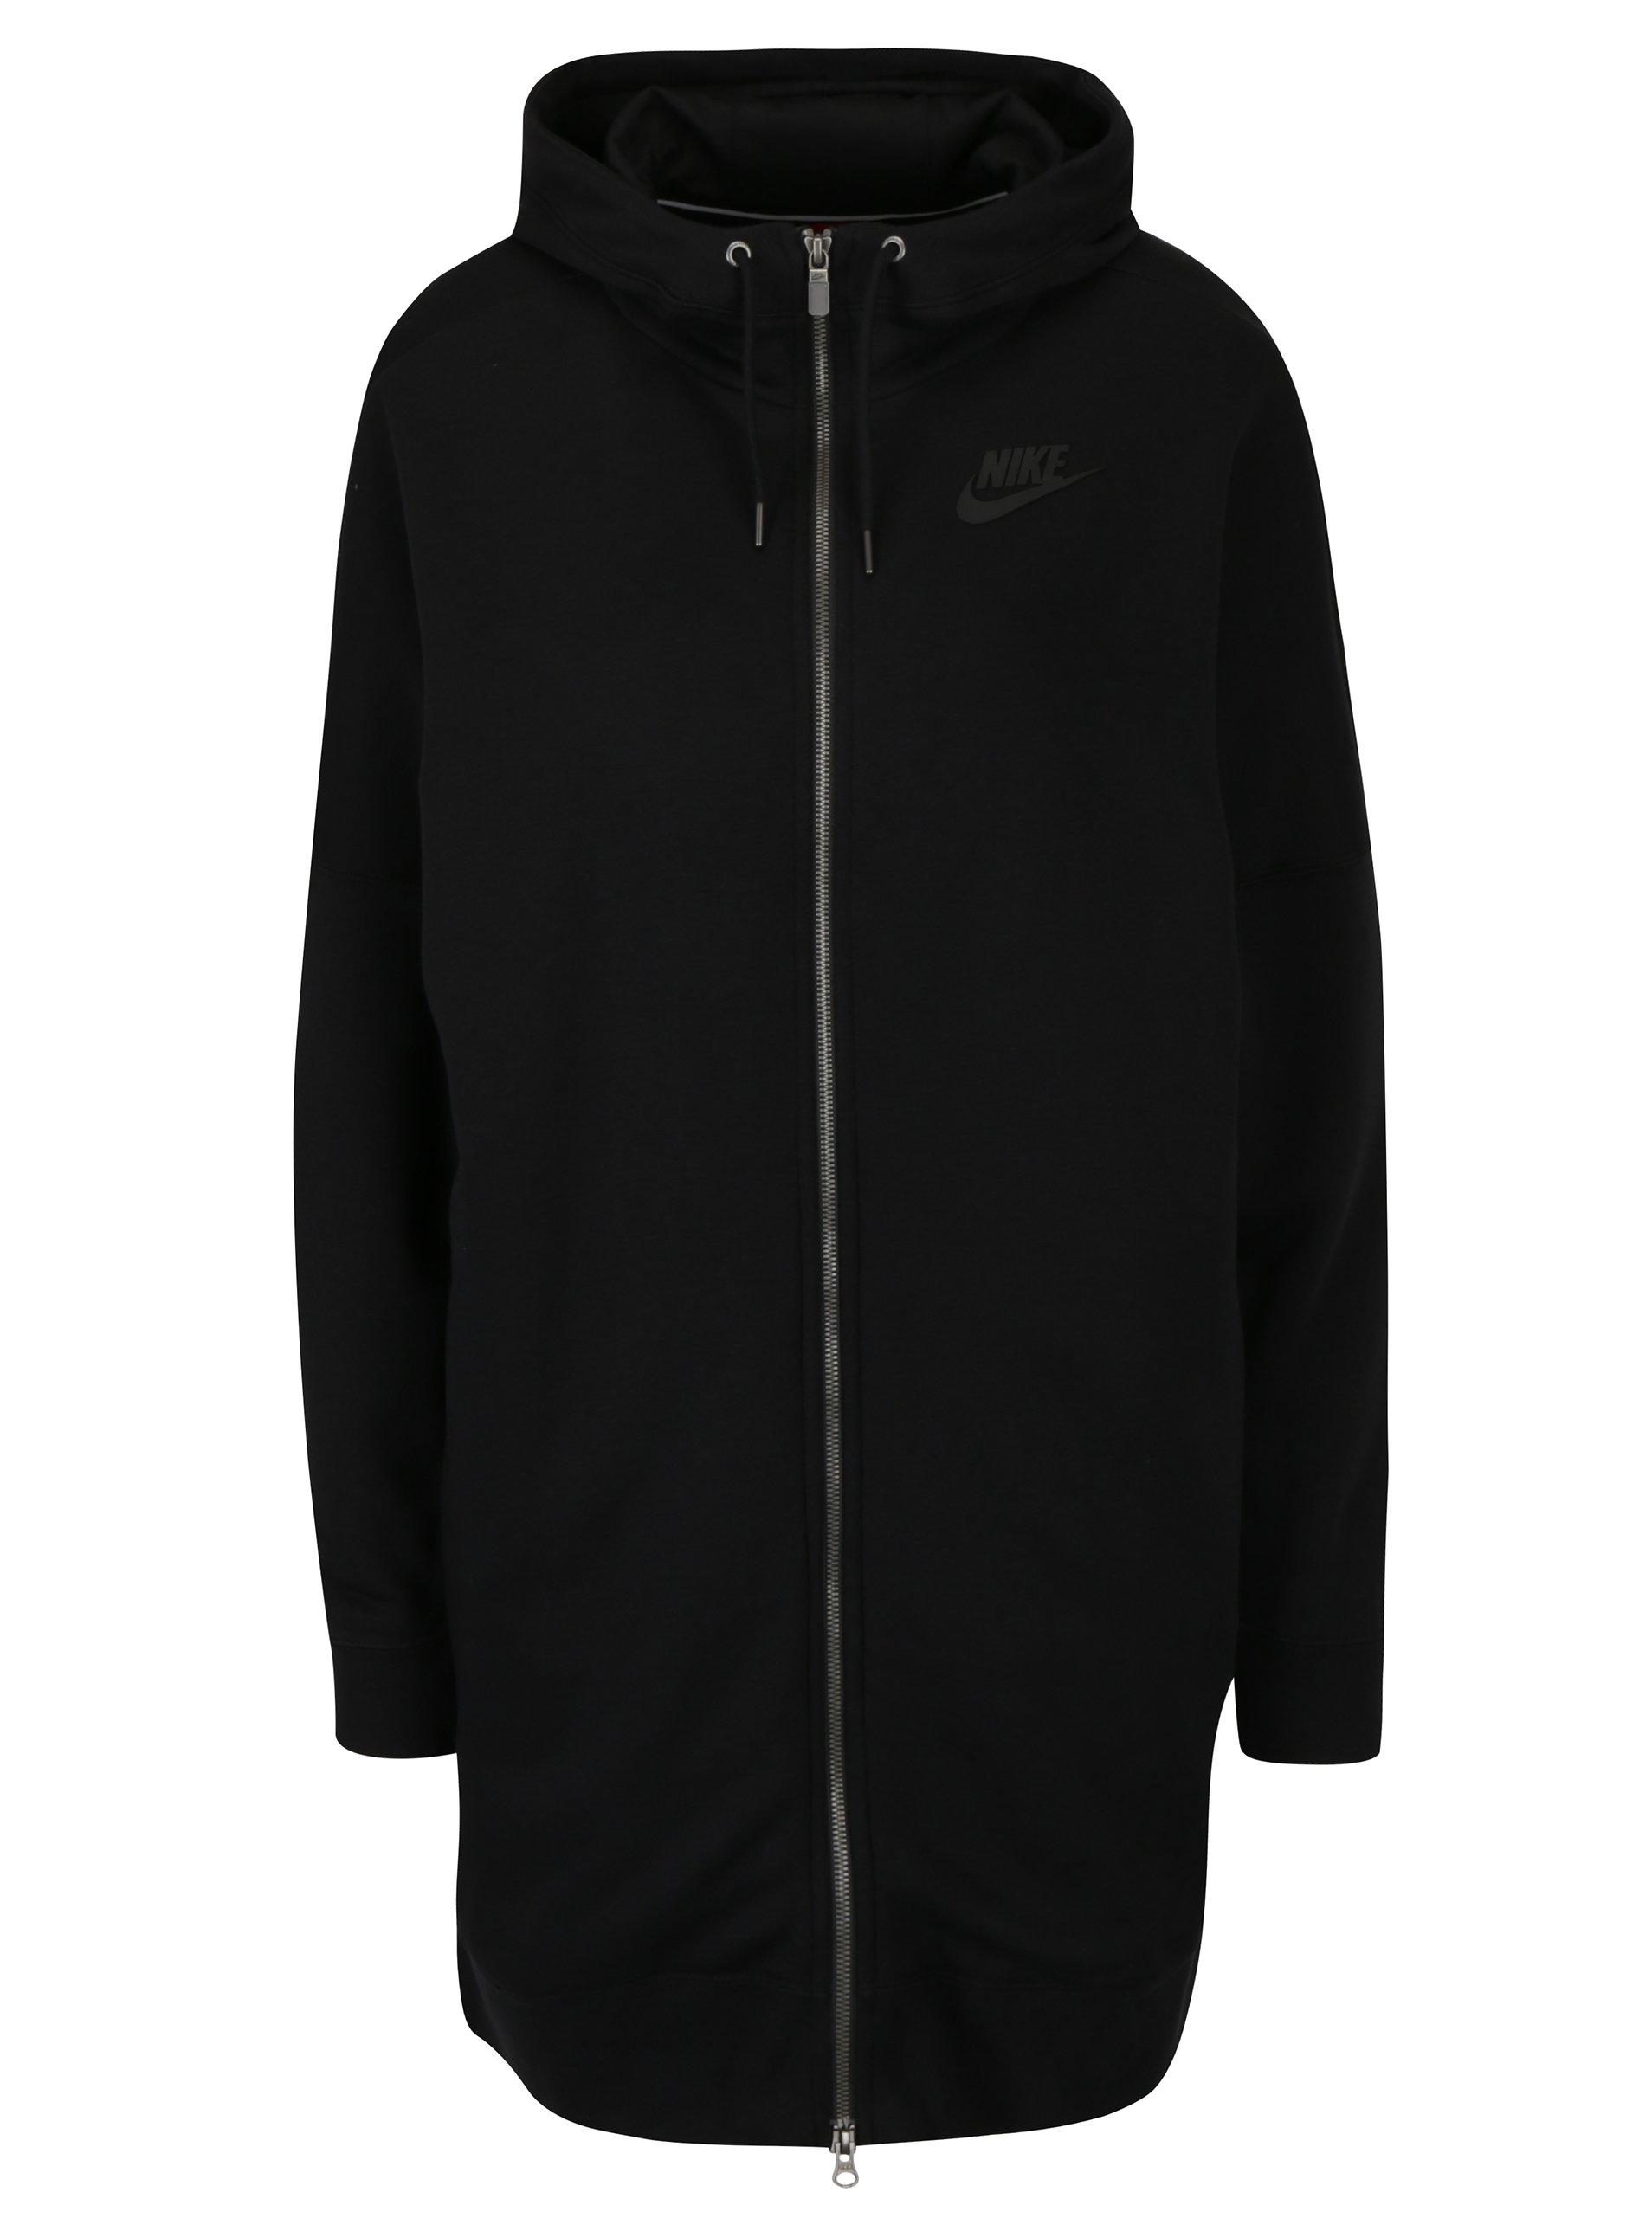 Černá dámská dlouhá mikina s kapucí Nike Hoodie